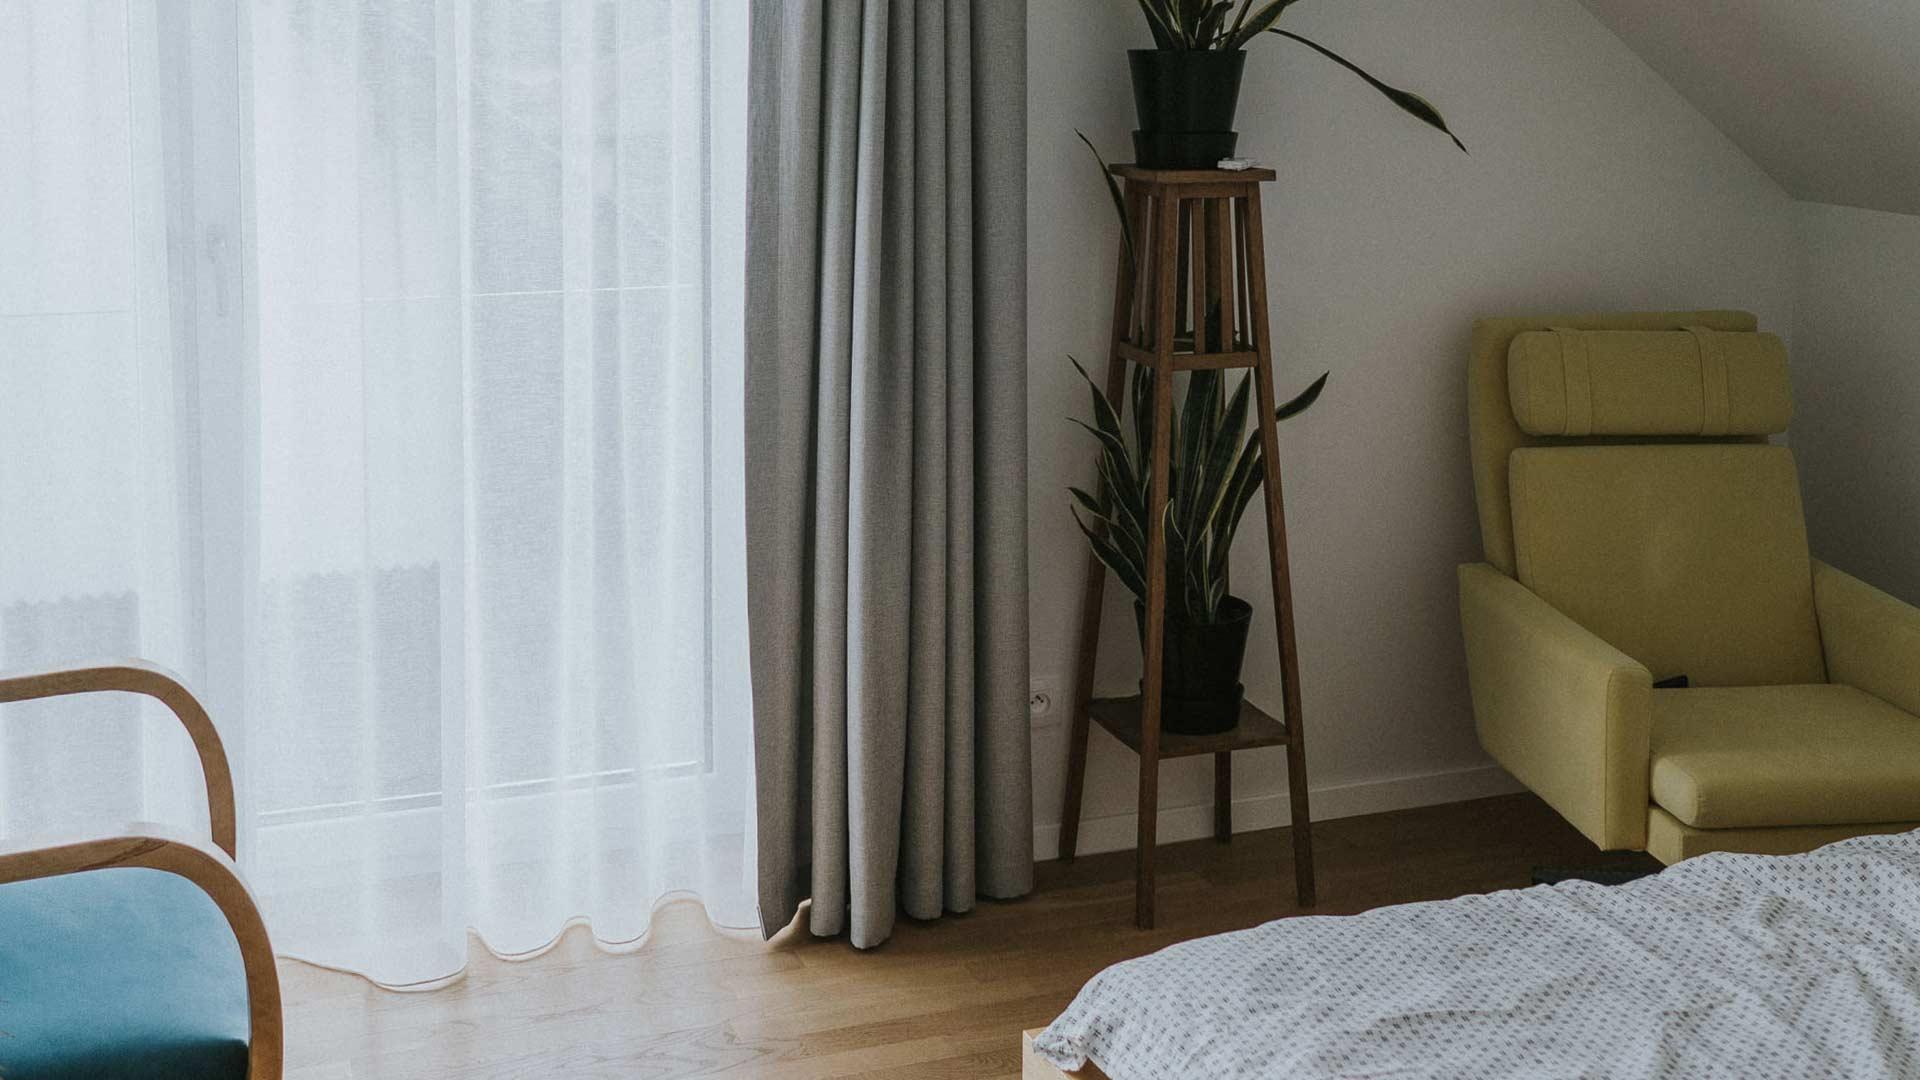 Aranżacja Małej Sypialni – Czyli Wygodnie I Funkcjonalnie